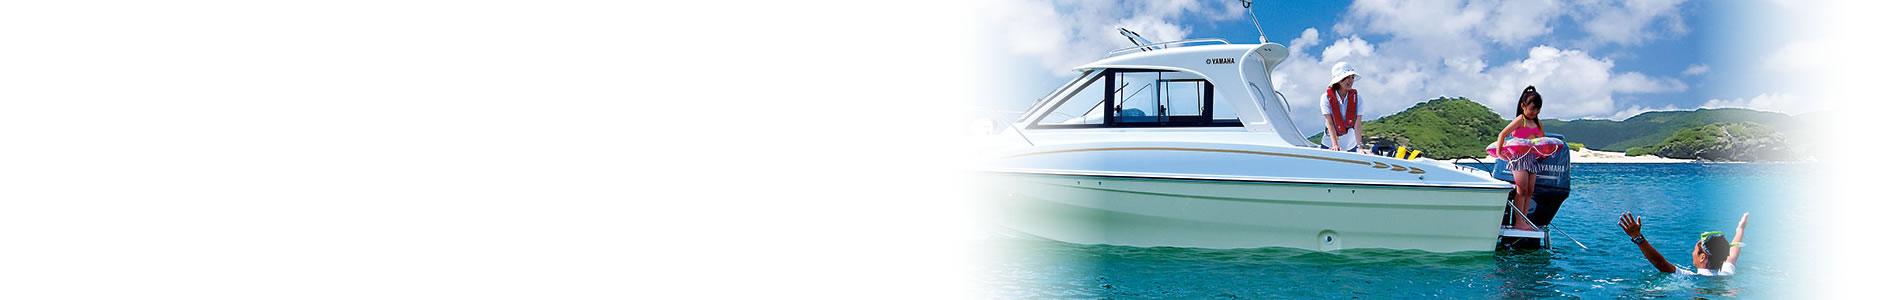 2級小型船舶免許